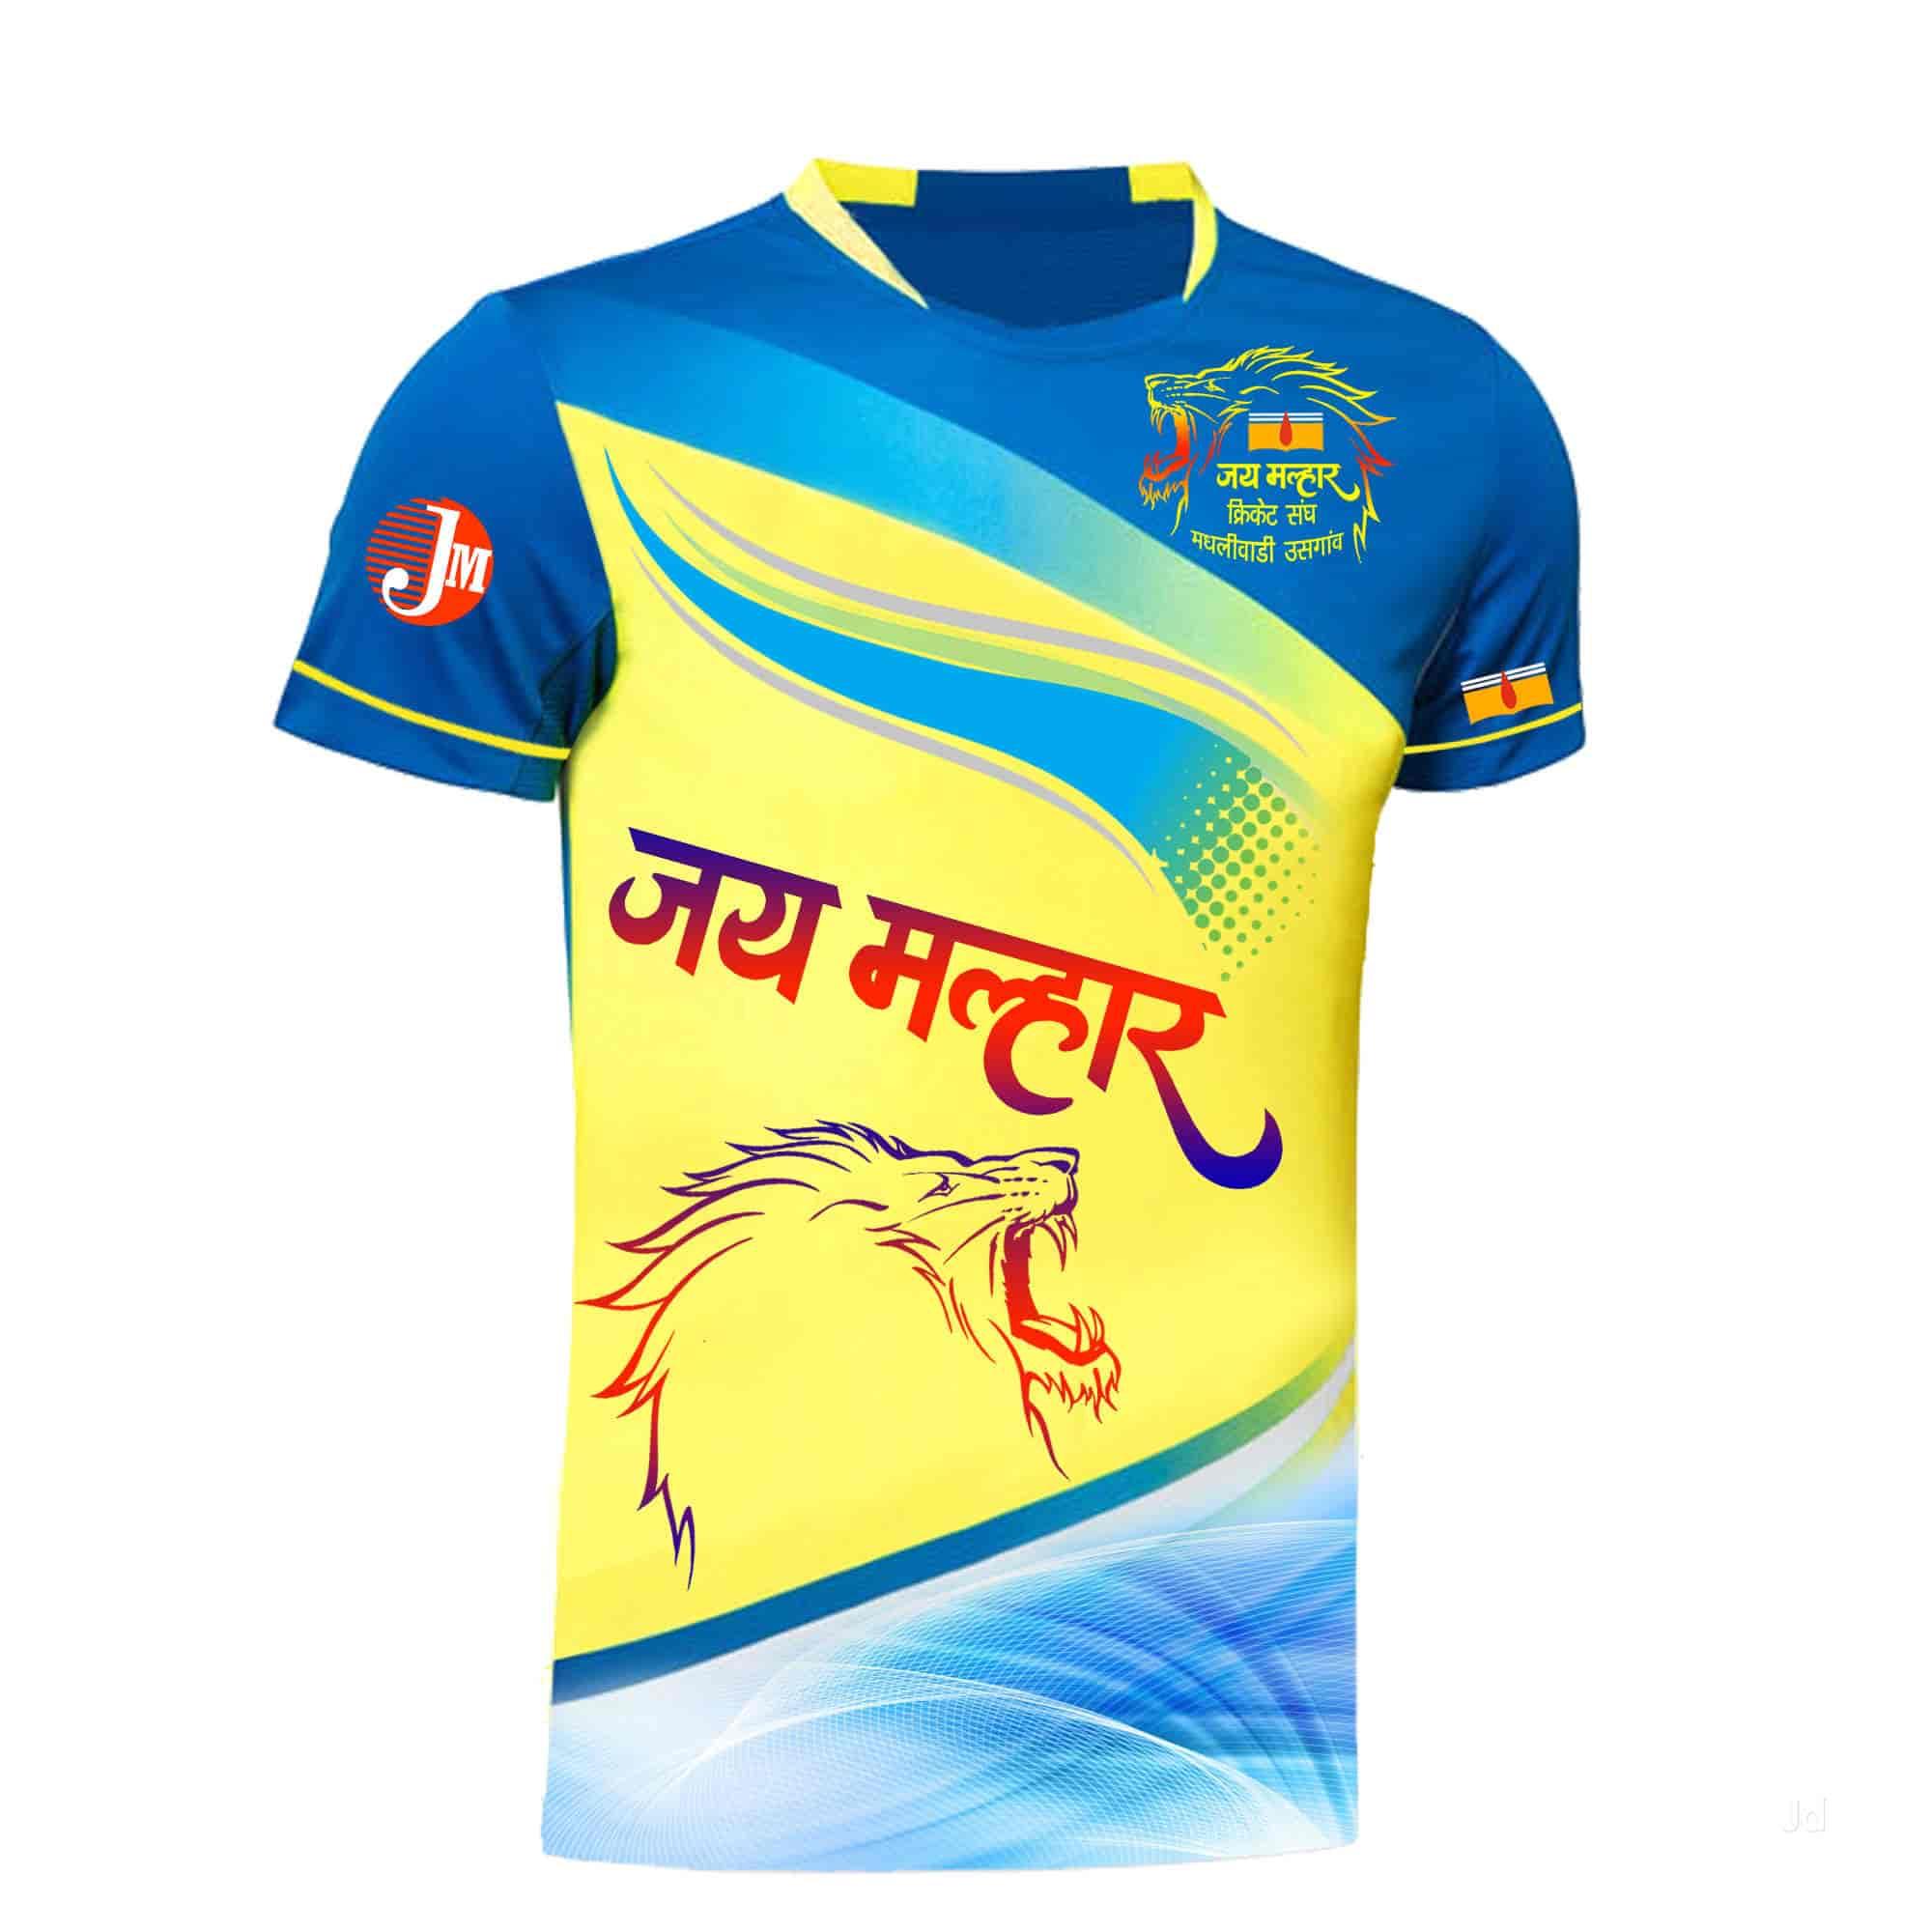 58dc73b5 ... Printed T Shirt - Samarth Sai Digital Printing Photos,  Rawalpada-Dahisar East, Mumbai ...